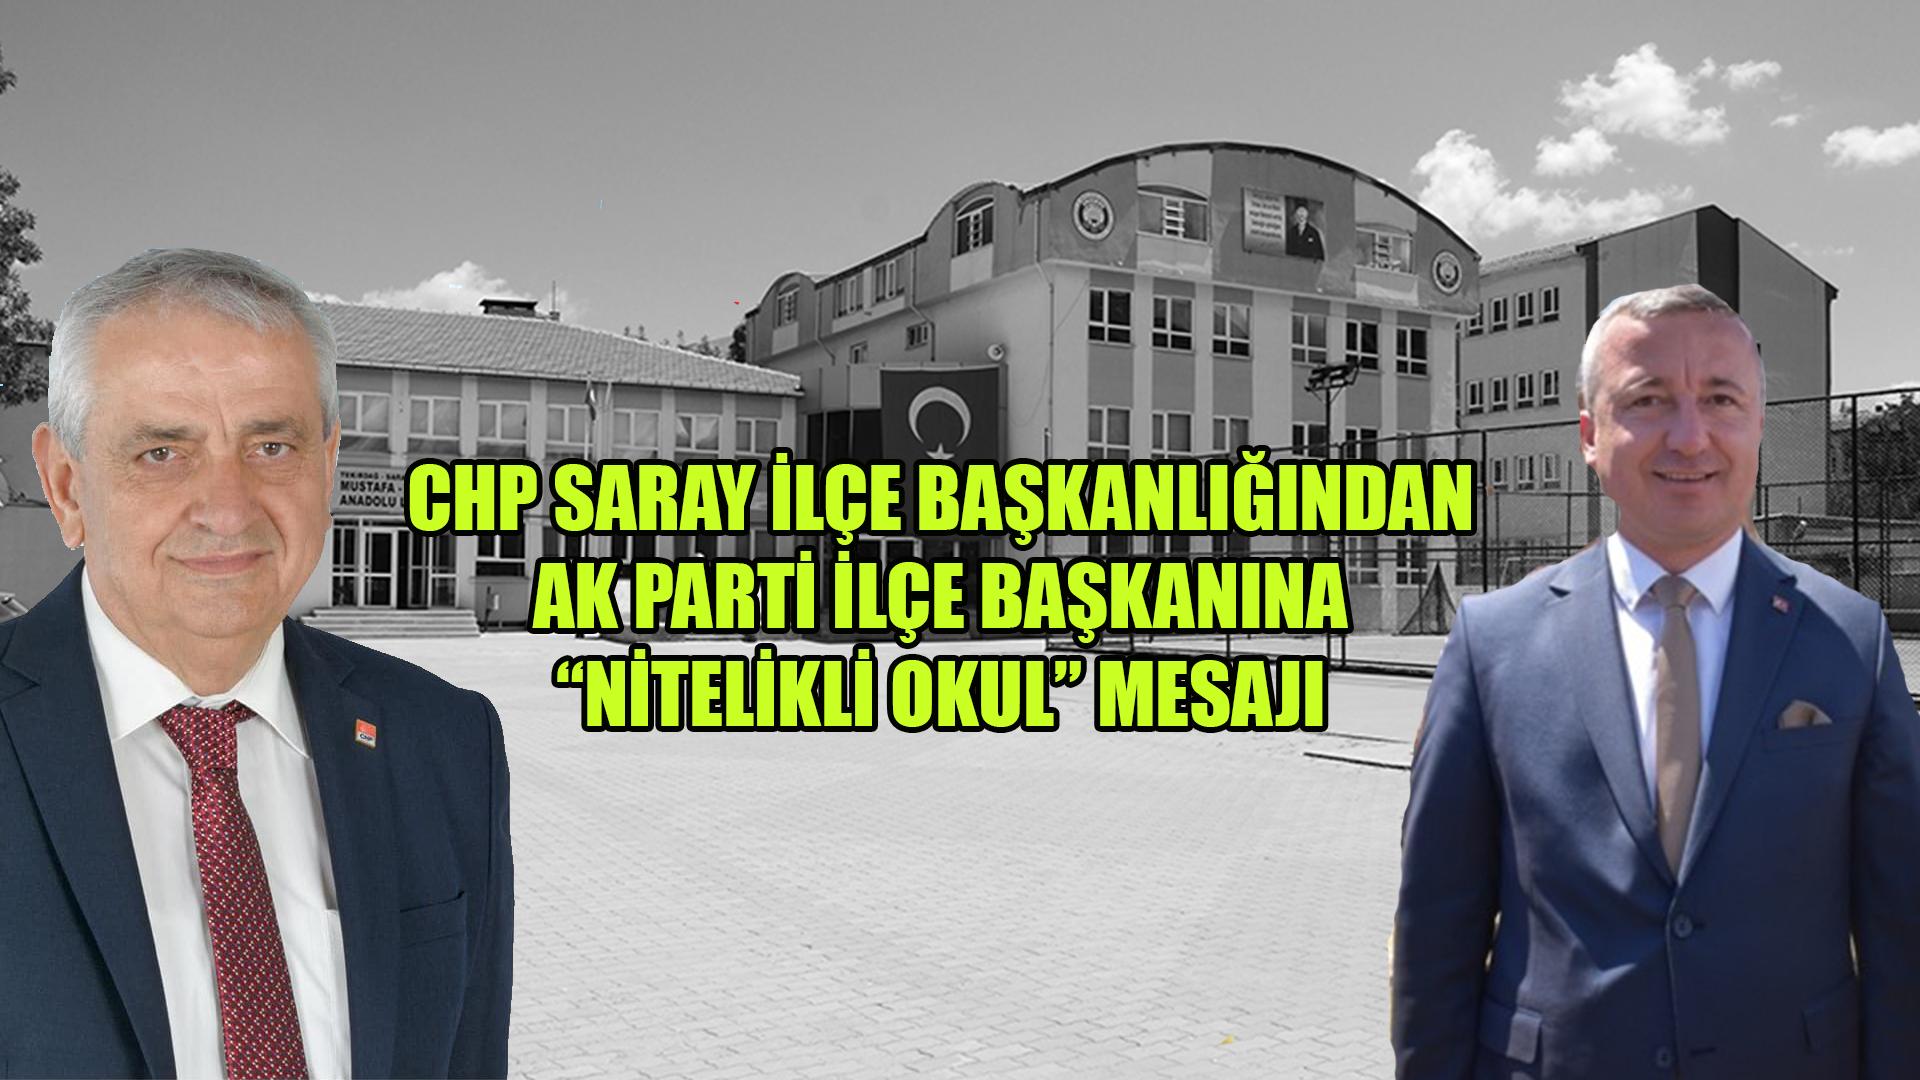 """CHP Saray İlçe Başkanlığından AKP İlçe Başkanına """"Nitelikli Okul"""" Mesajı"""